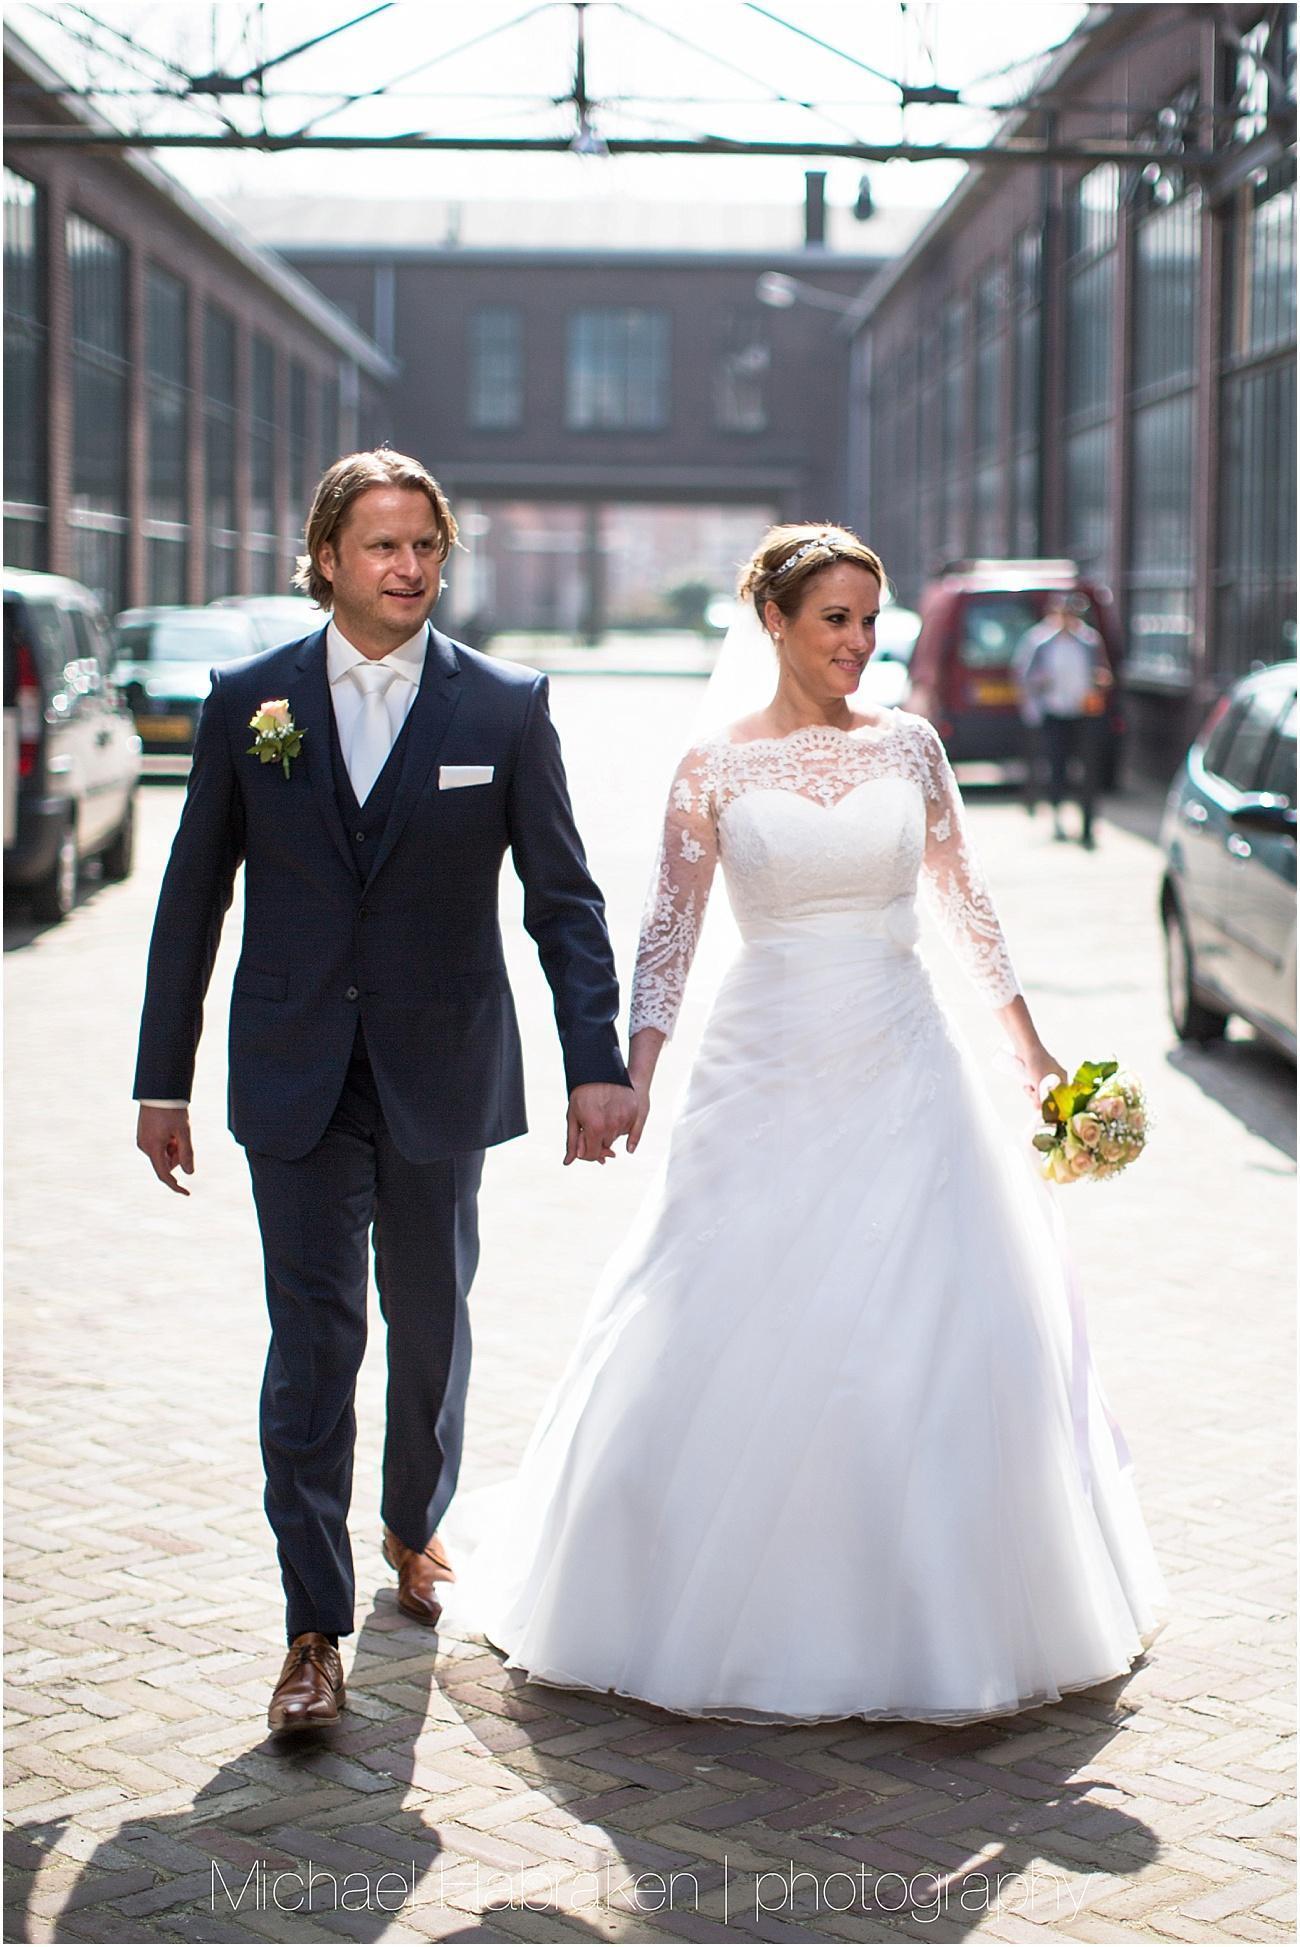 bruidsfotograaf Eindhoven, bruidsfotografie Eindhoven, trouwfotograaf Eindhoven, trouwfotografie Eindhoven, fotograaf Eindhoven, trouwreportage PHE